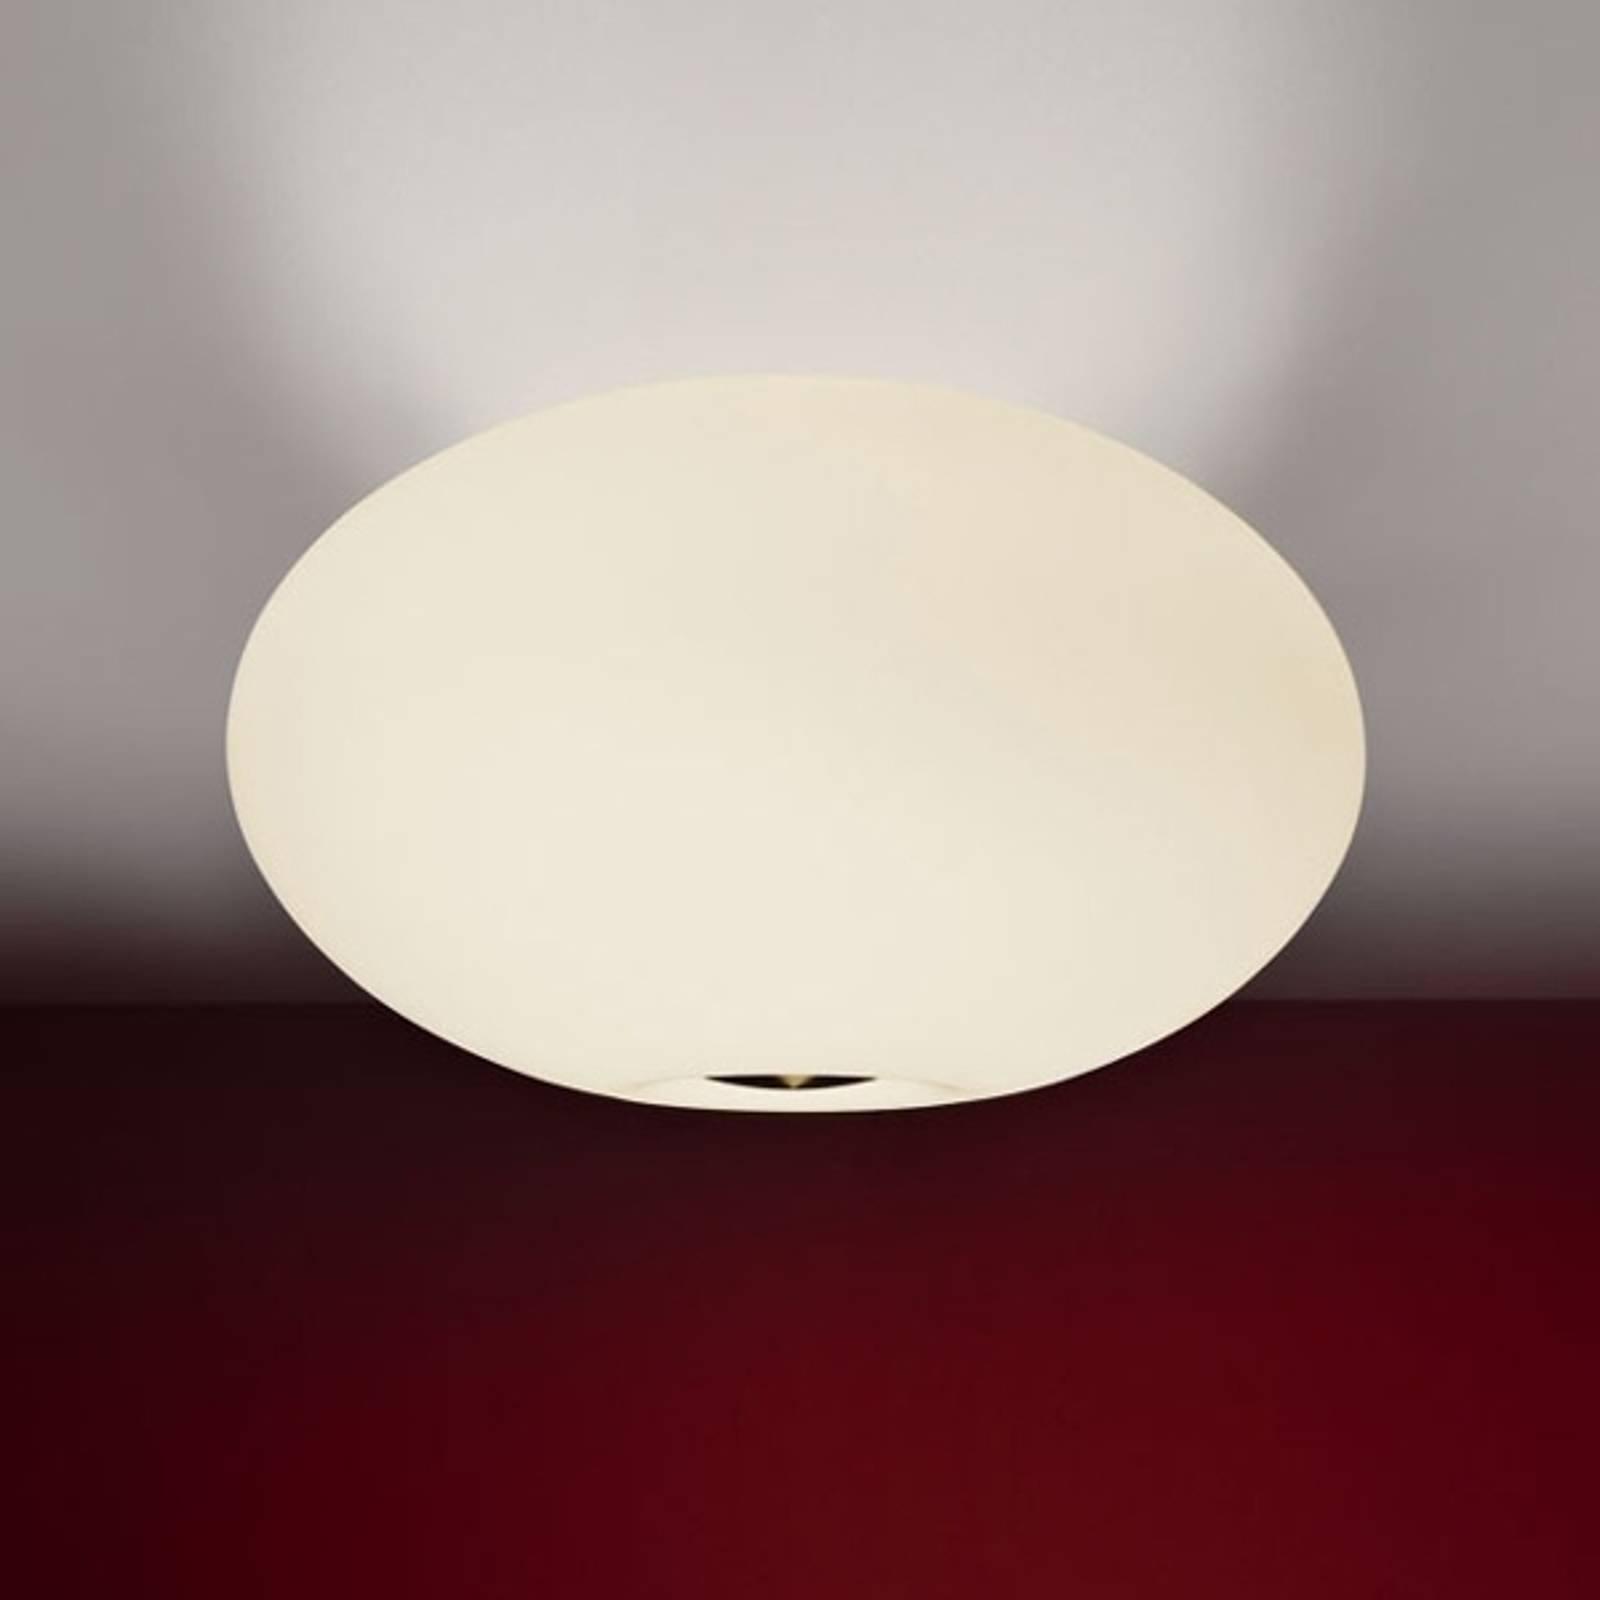 Designerlampen und andere lampen von casablanca online for Lampen casablanca